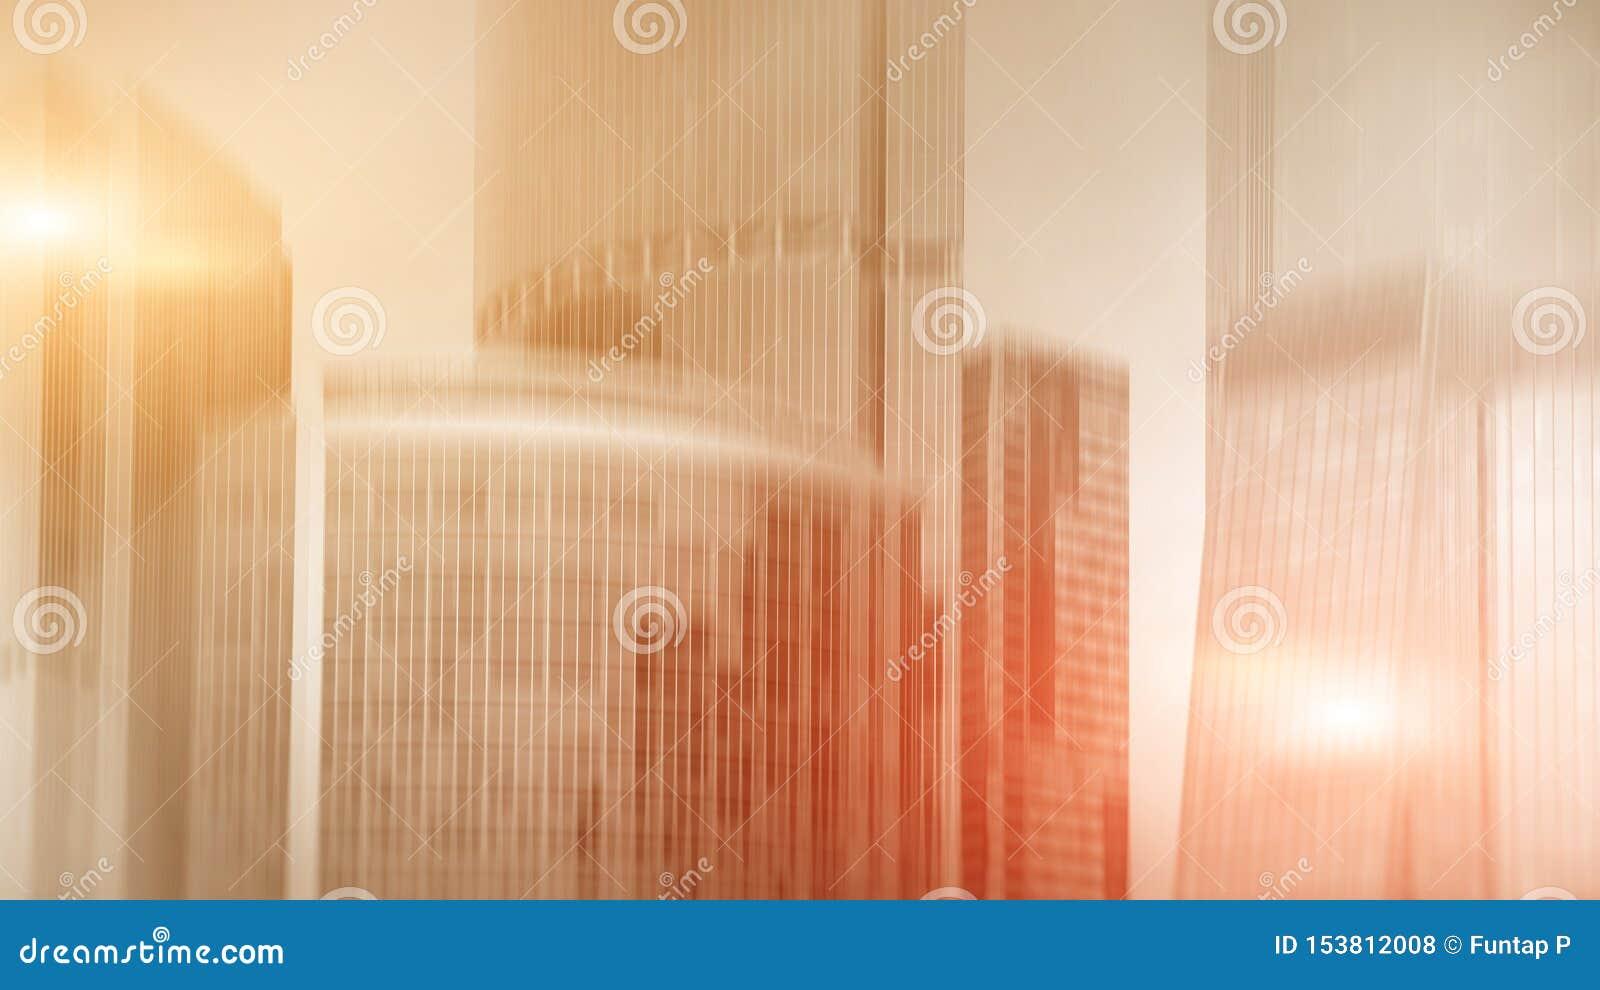 Facade Of Modern Office Building Concept Of Contemporary